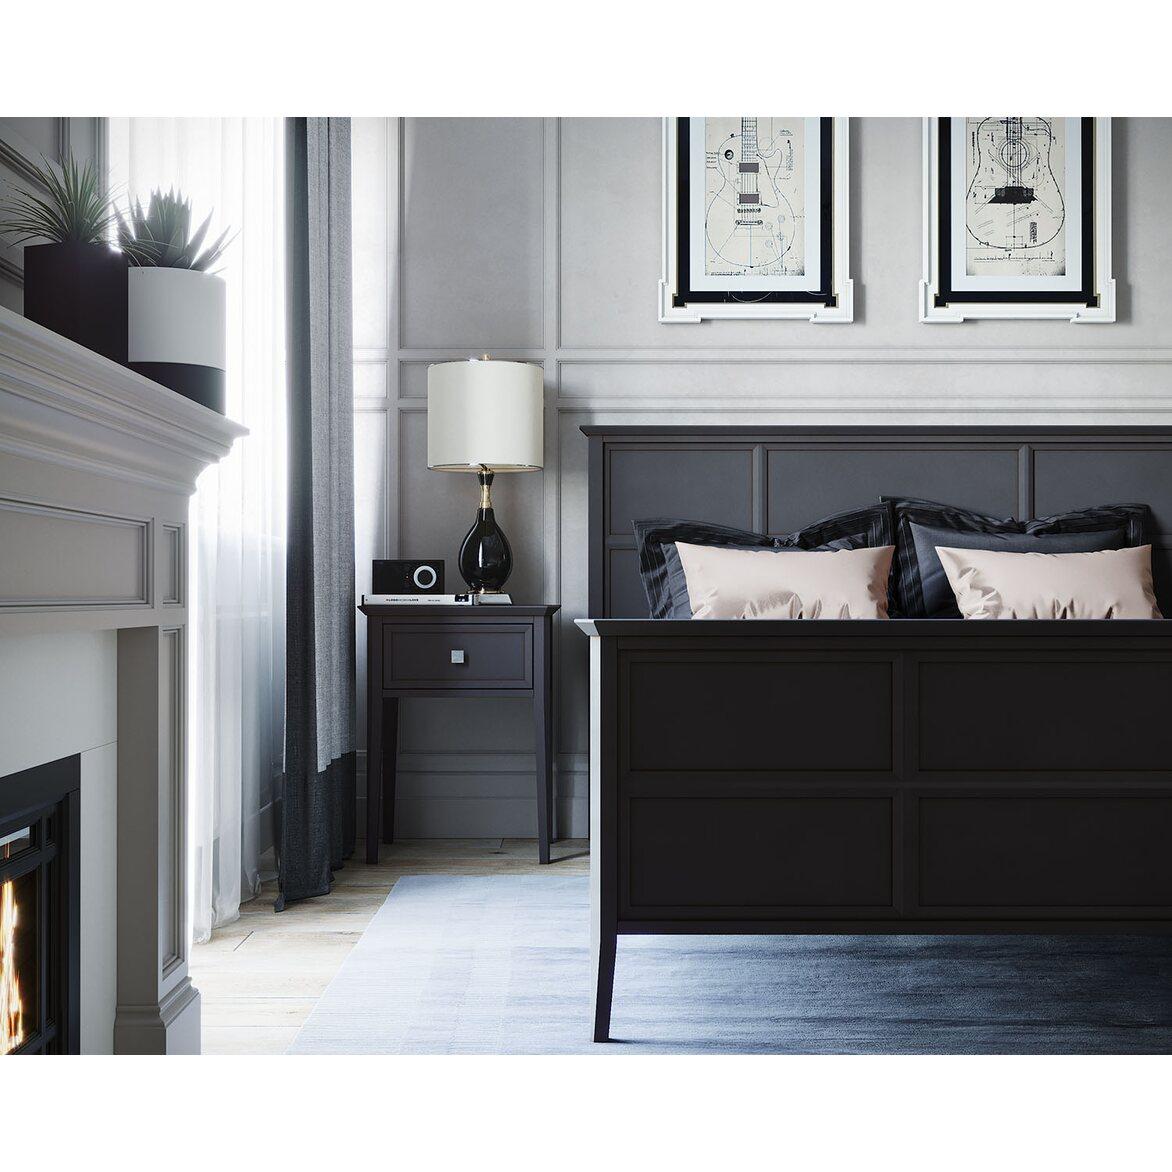 Письменный стол с 3-я ящиками Ellington, черный 4 | Письменные столы Kingsby